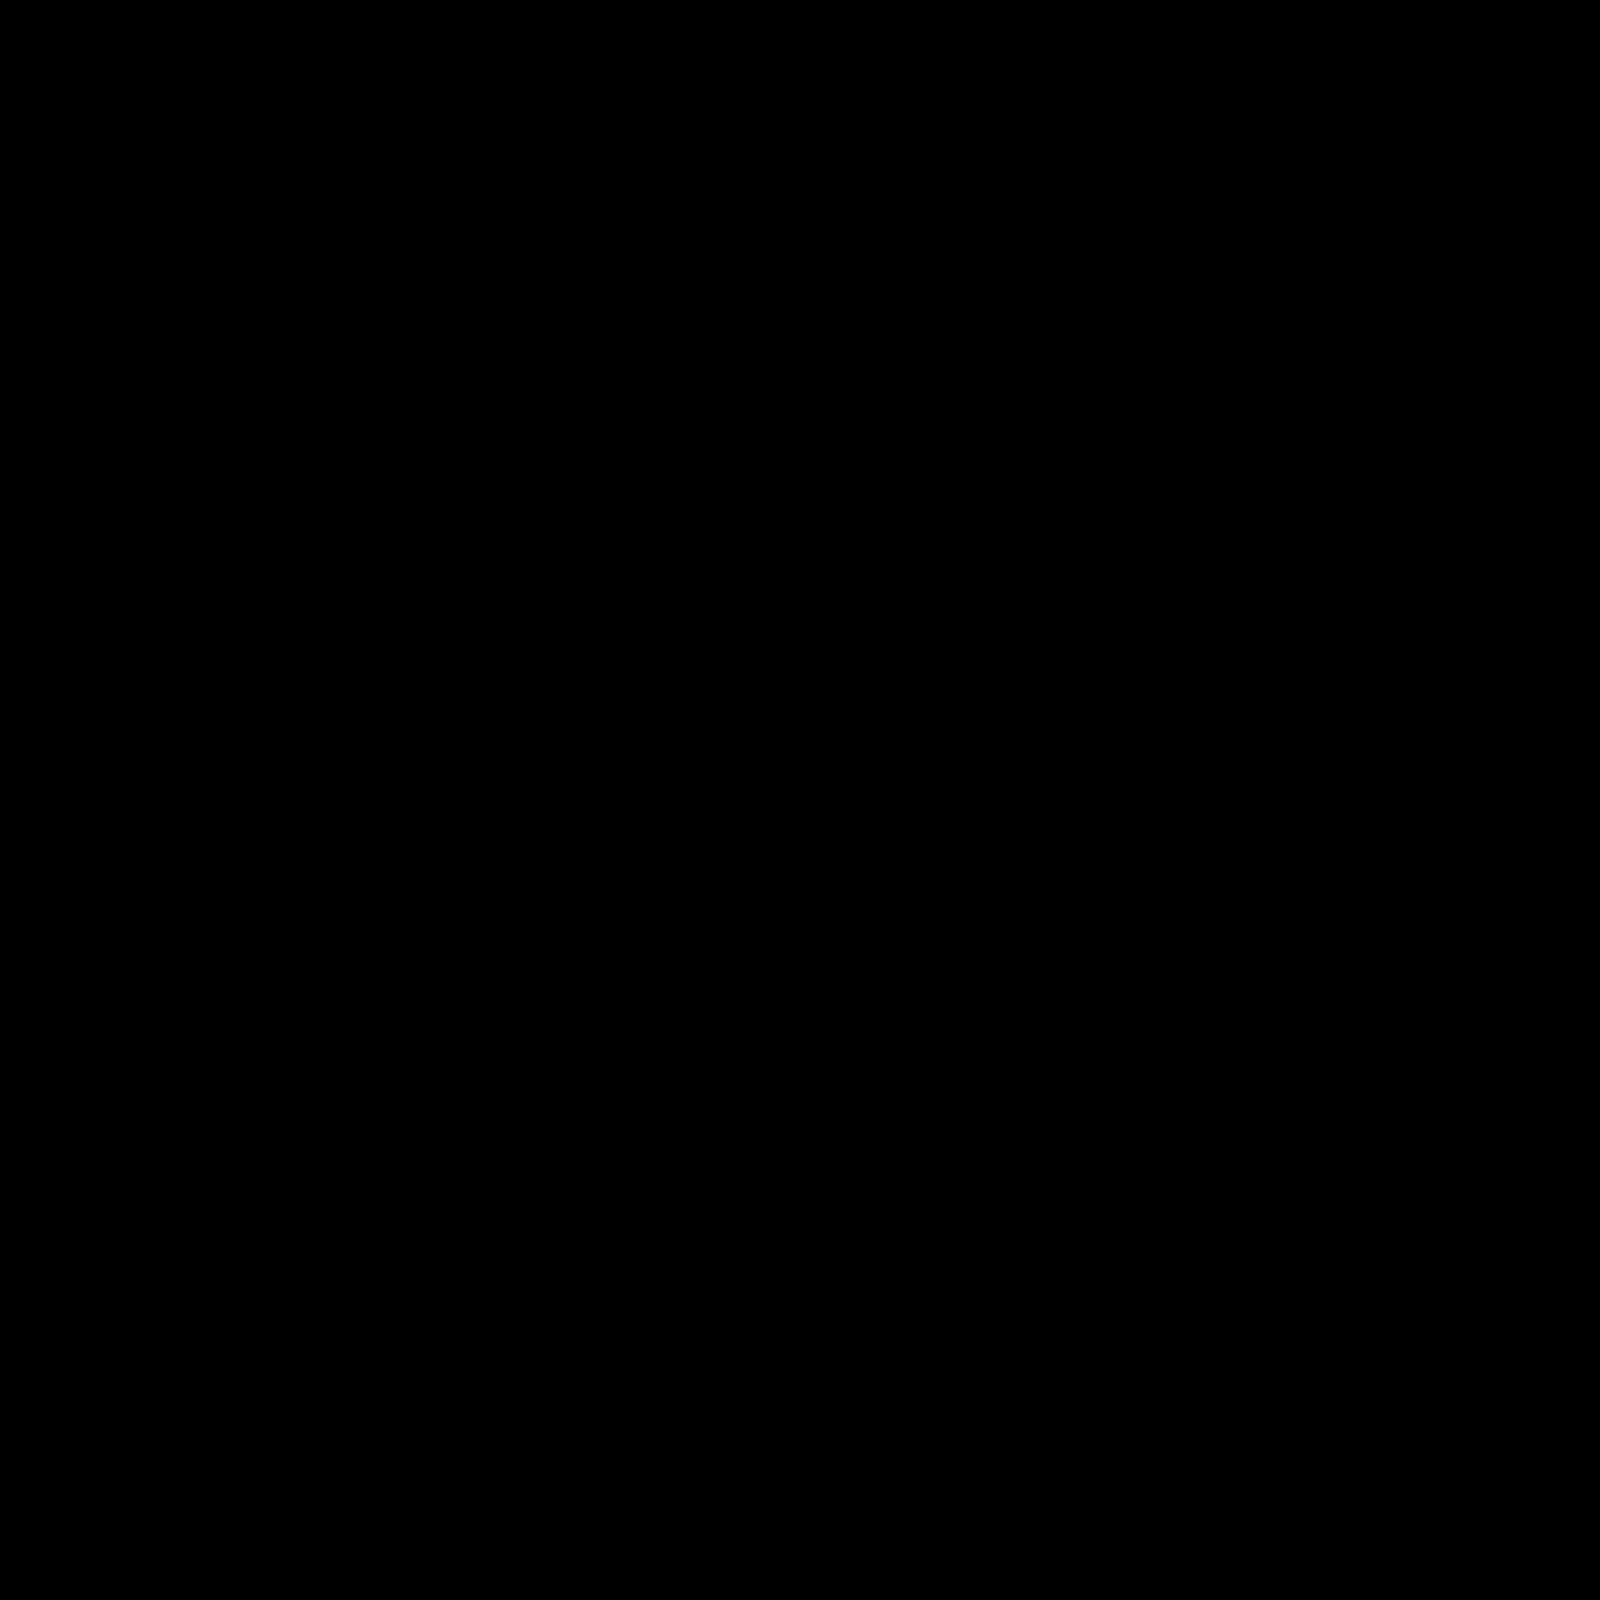 2 Key icon